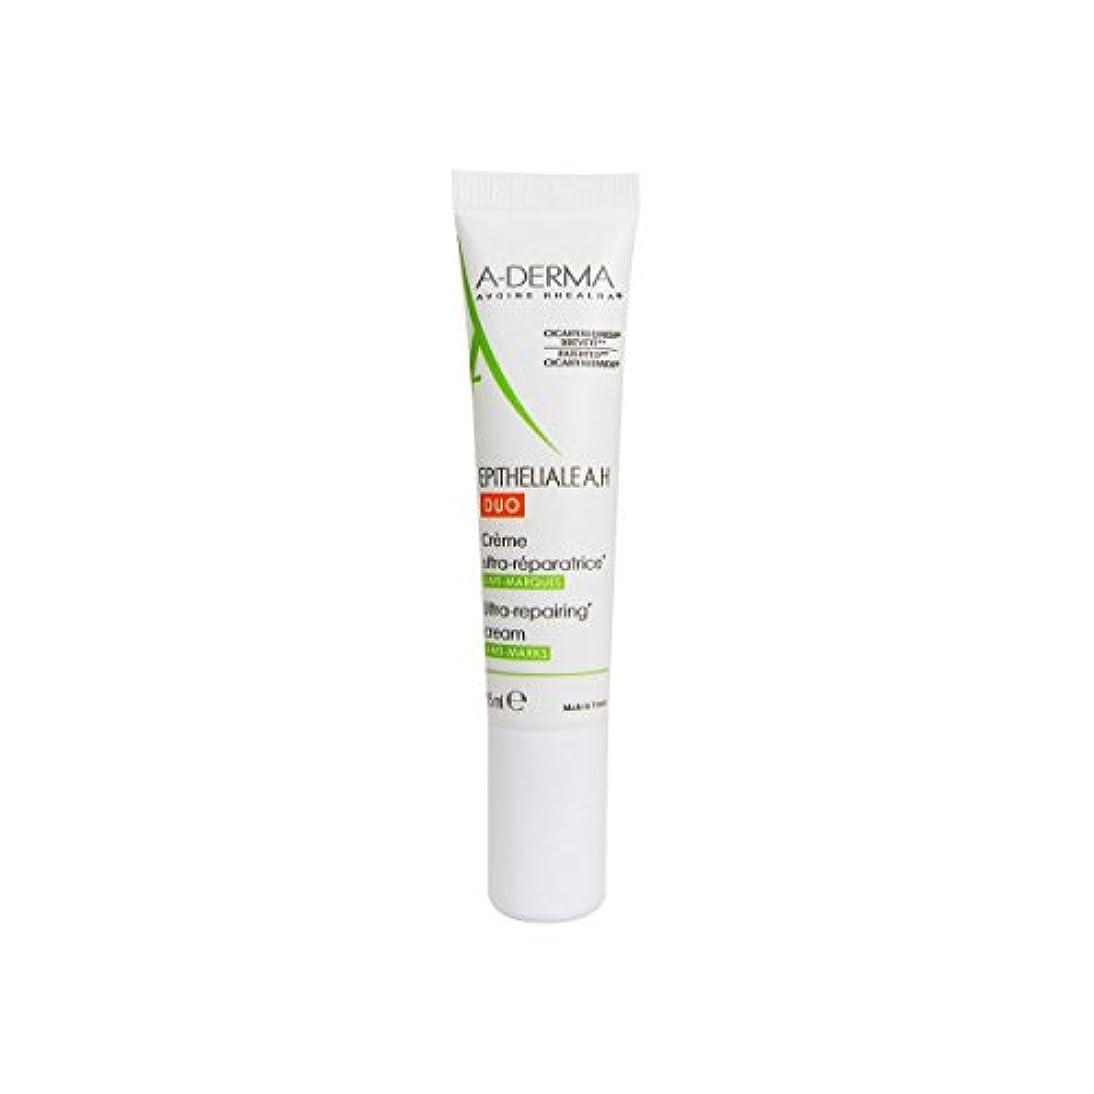 ダムカテゴリー育成A-derma Epitheliale Ah Duo Repair Cream 15ml [並行輸入品]